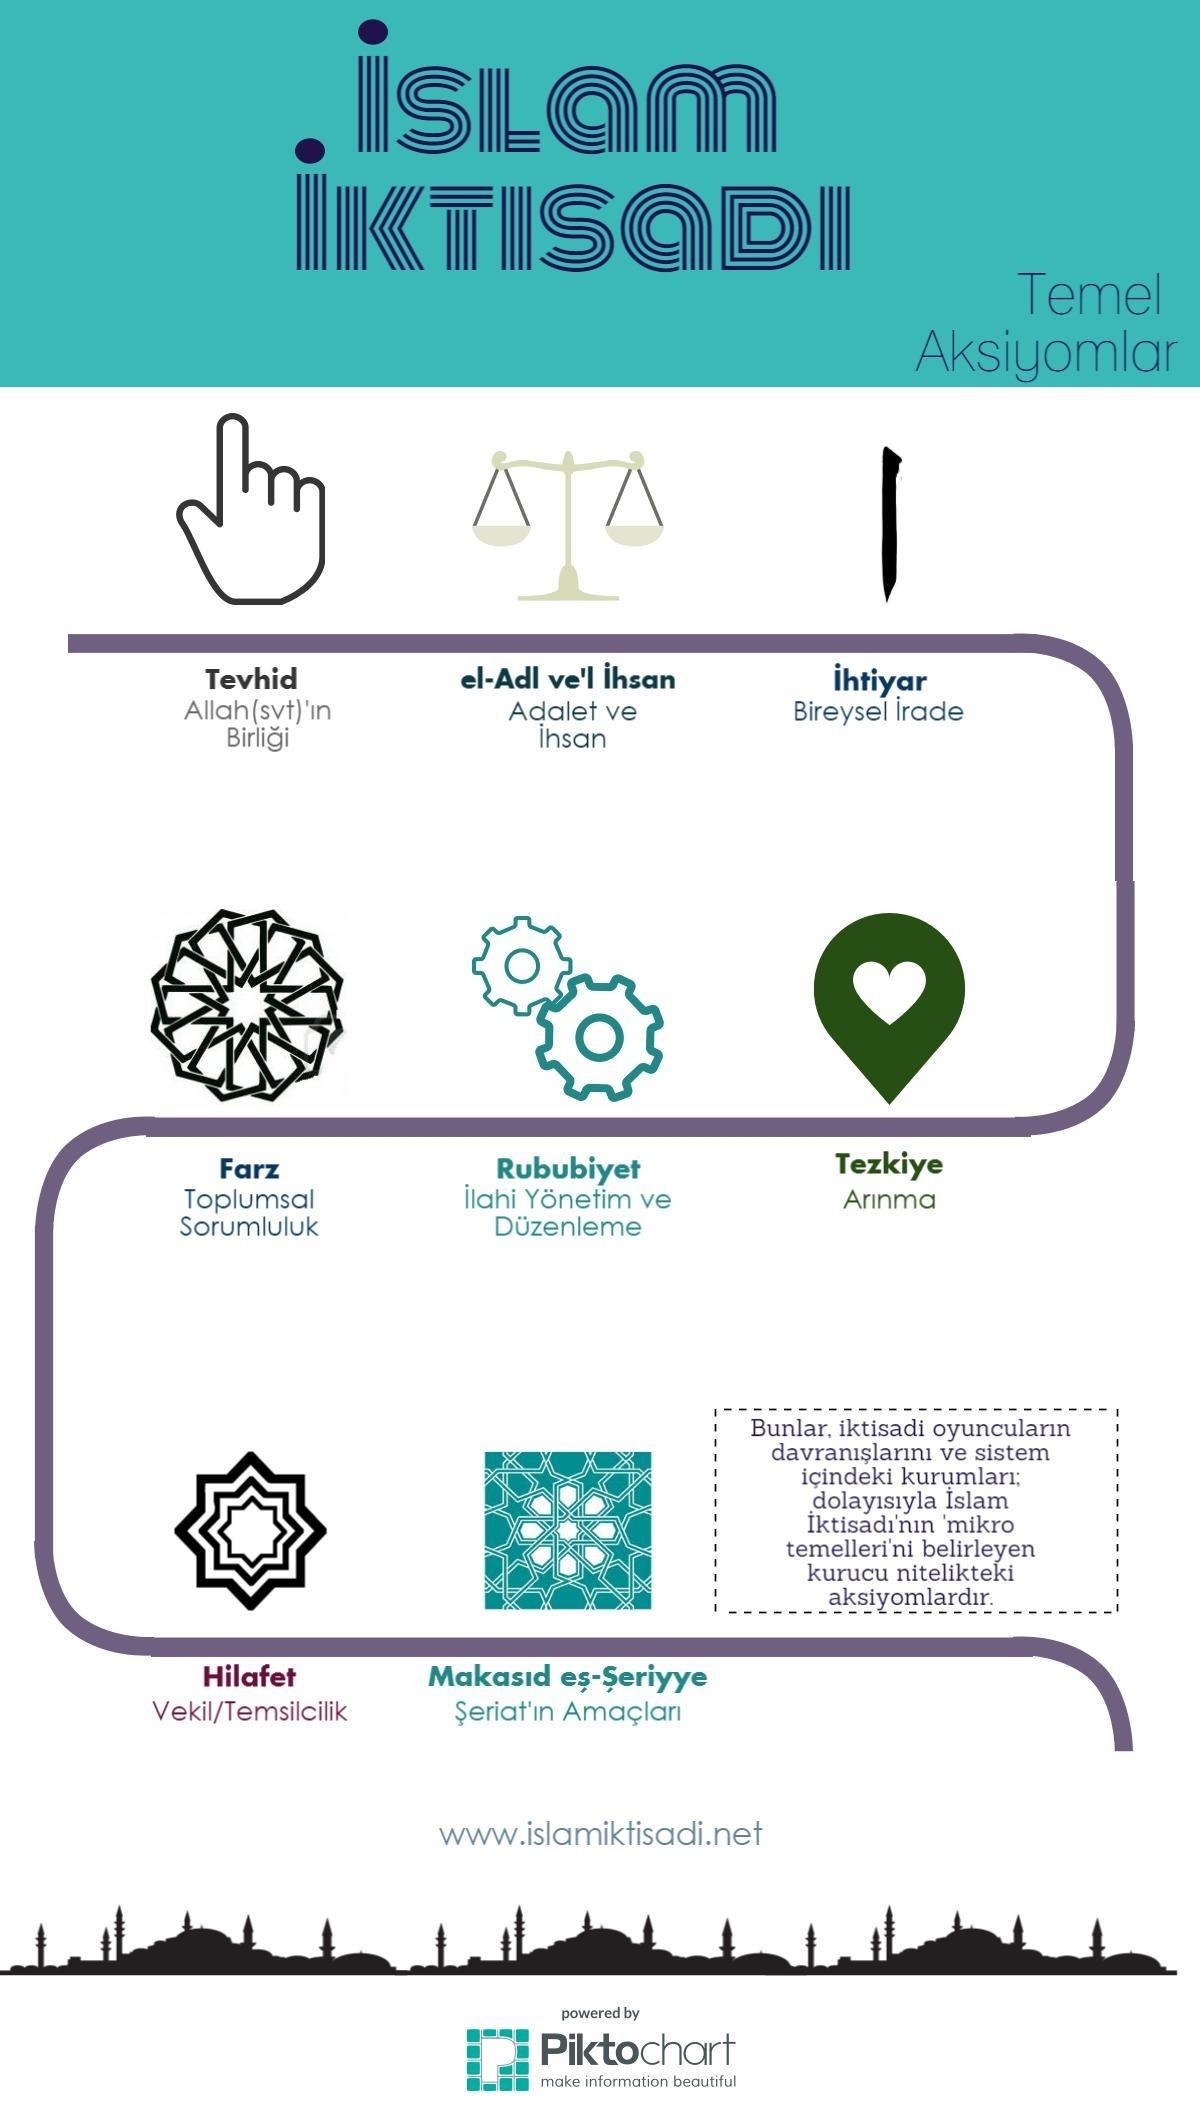 İslam İktisadı Temel Aksiyomlar